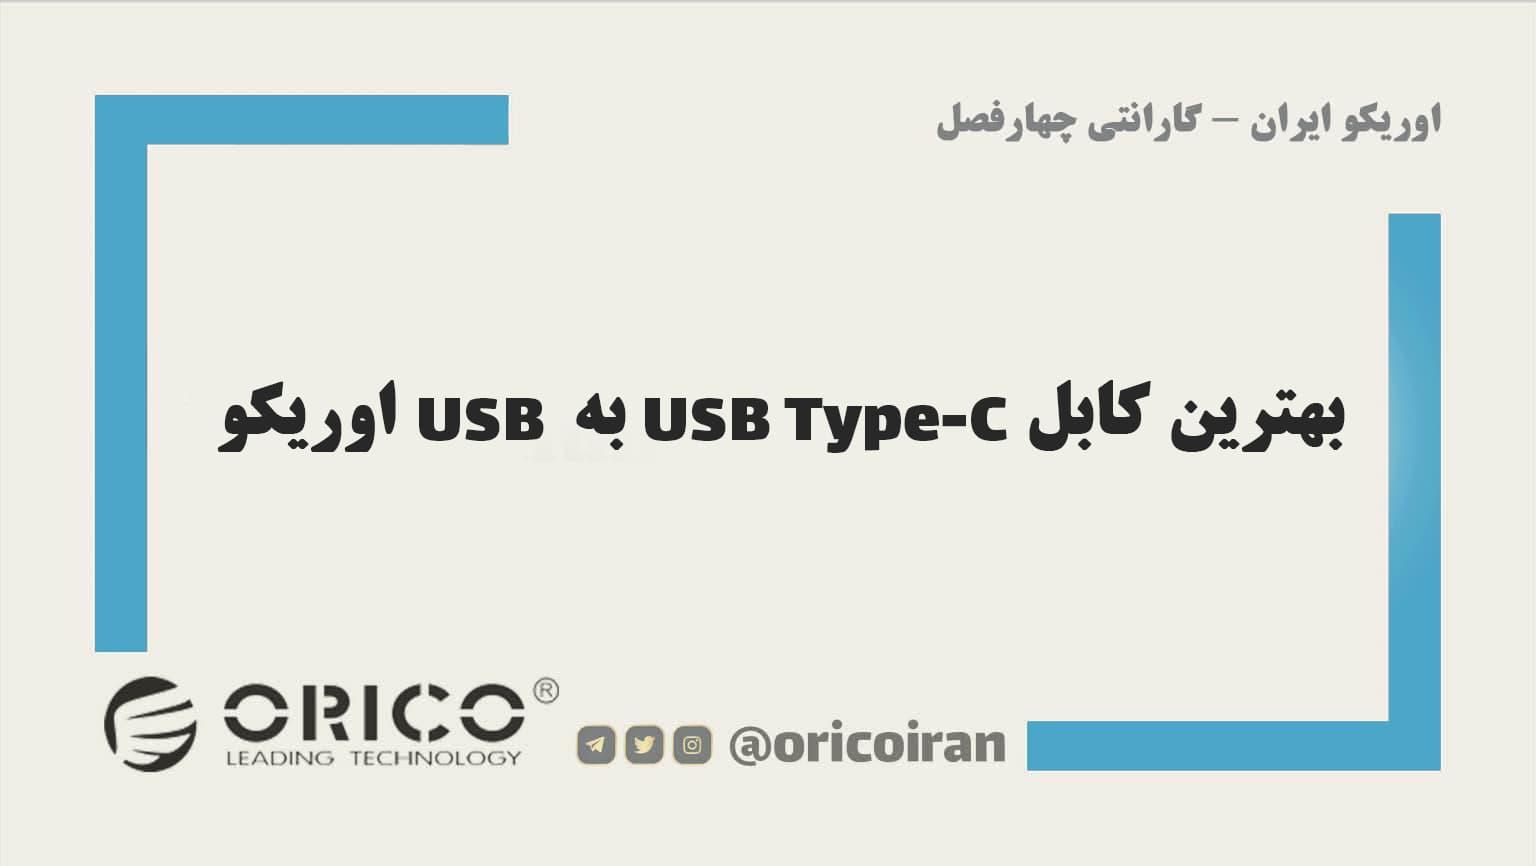 بهترین کابل USB Type-C به USB اوریکو